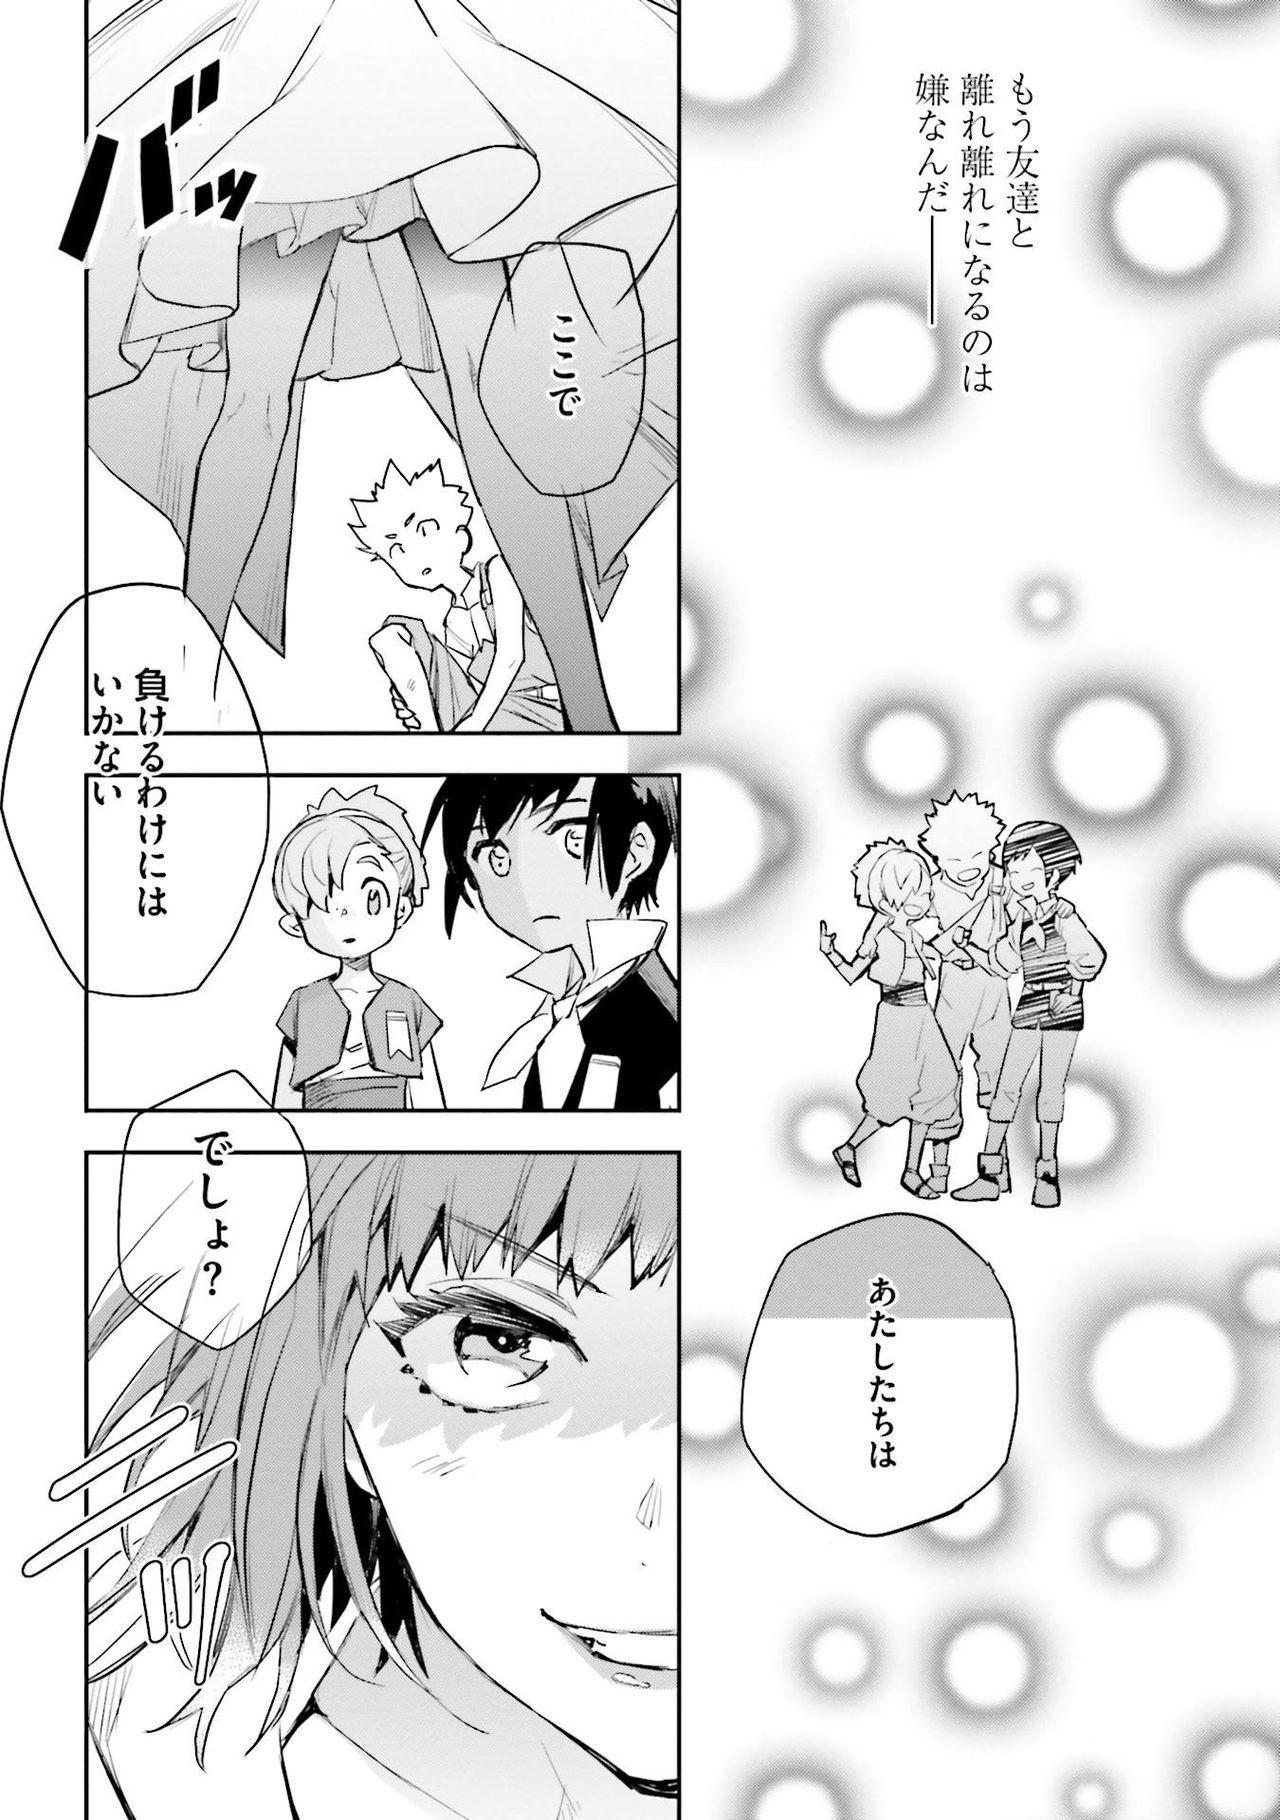 JK Haru wa Isekai de Shoufu ni Natta 1-14 385